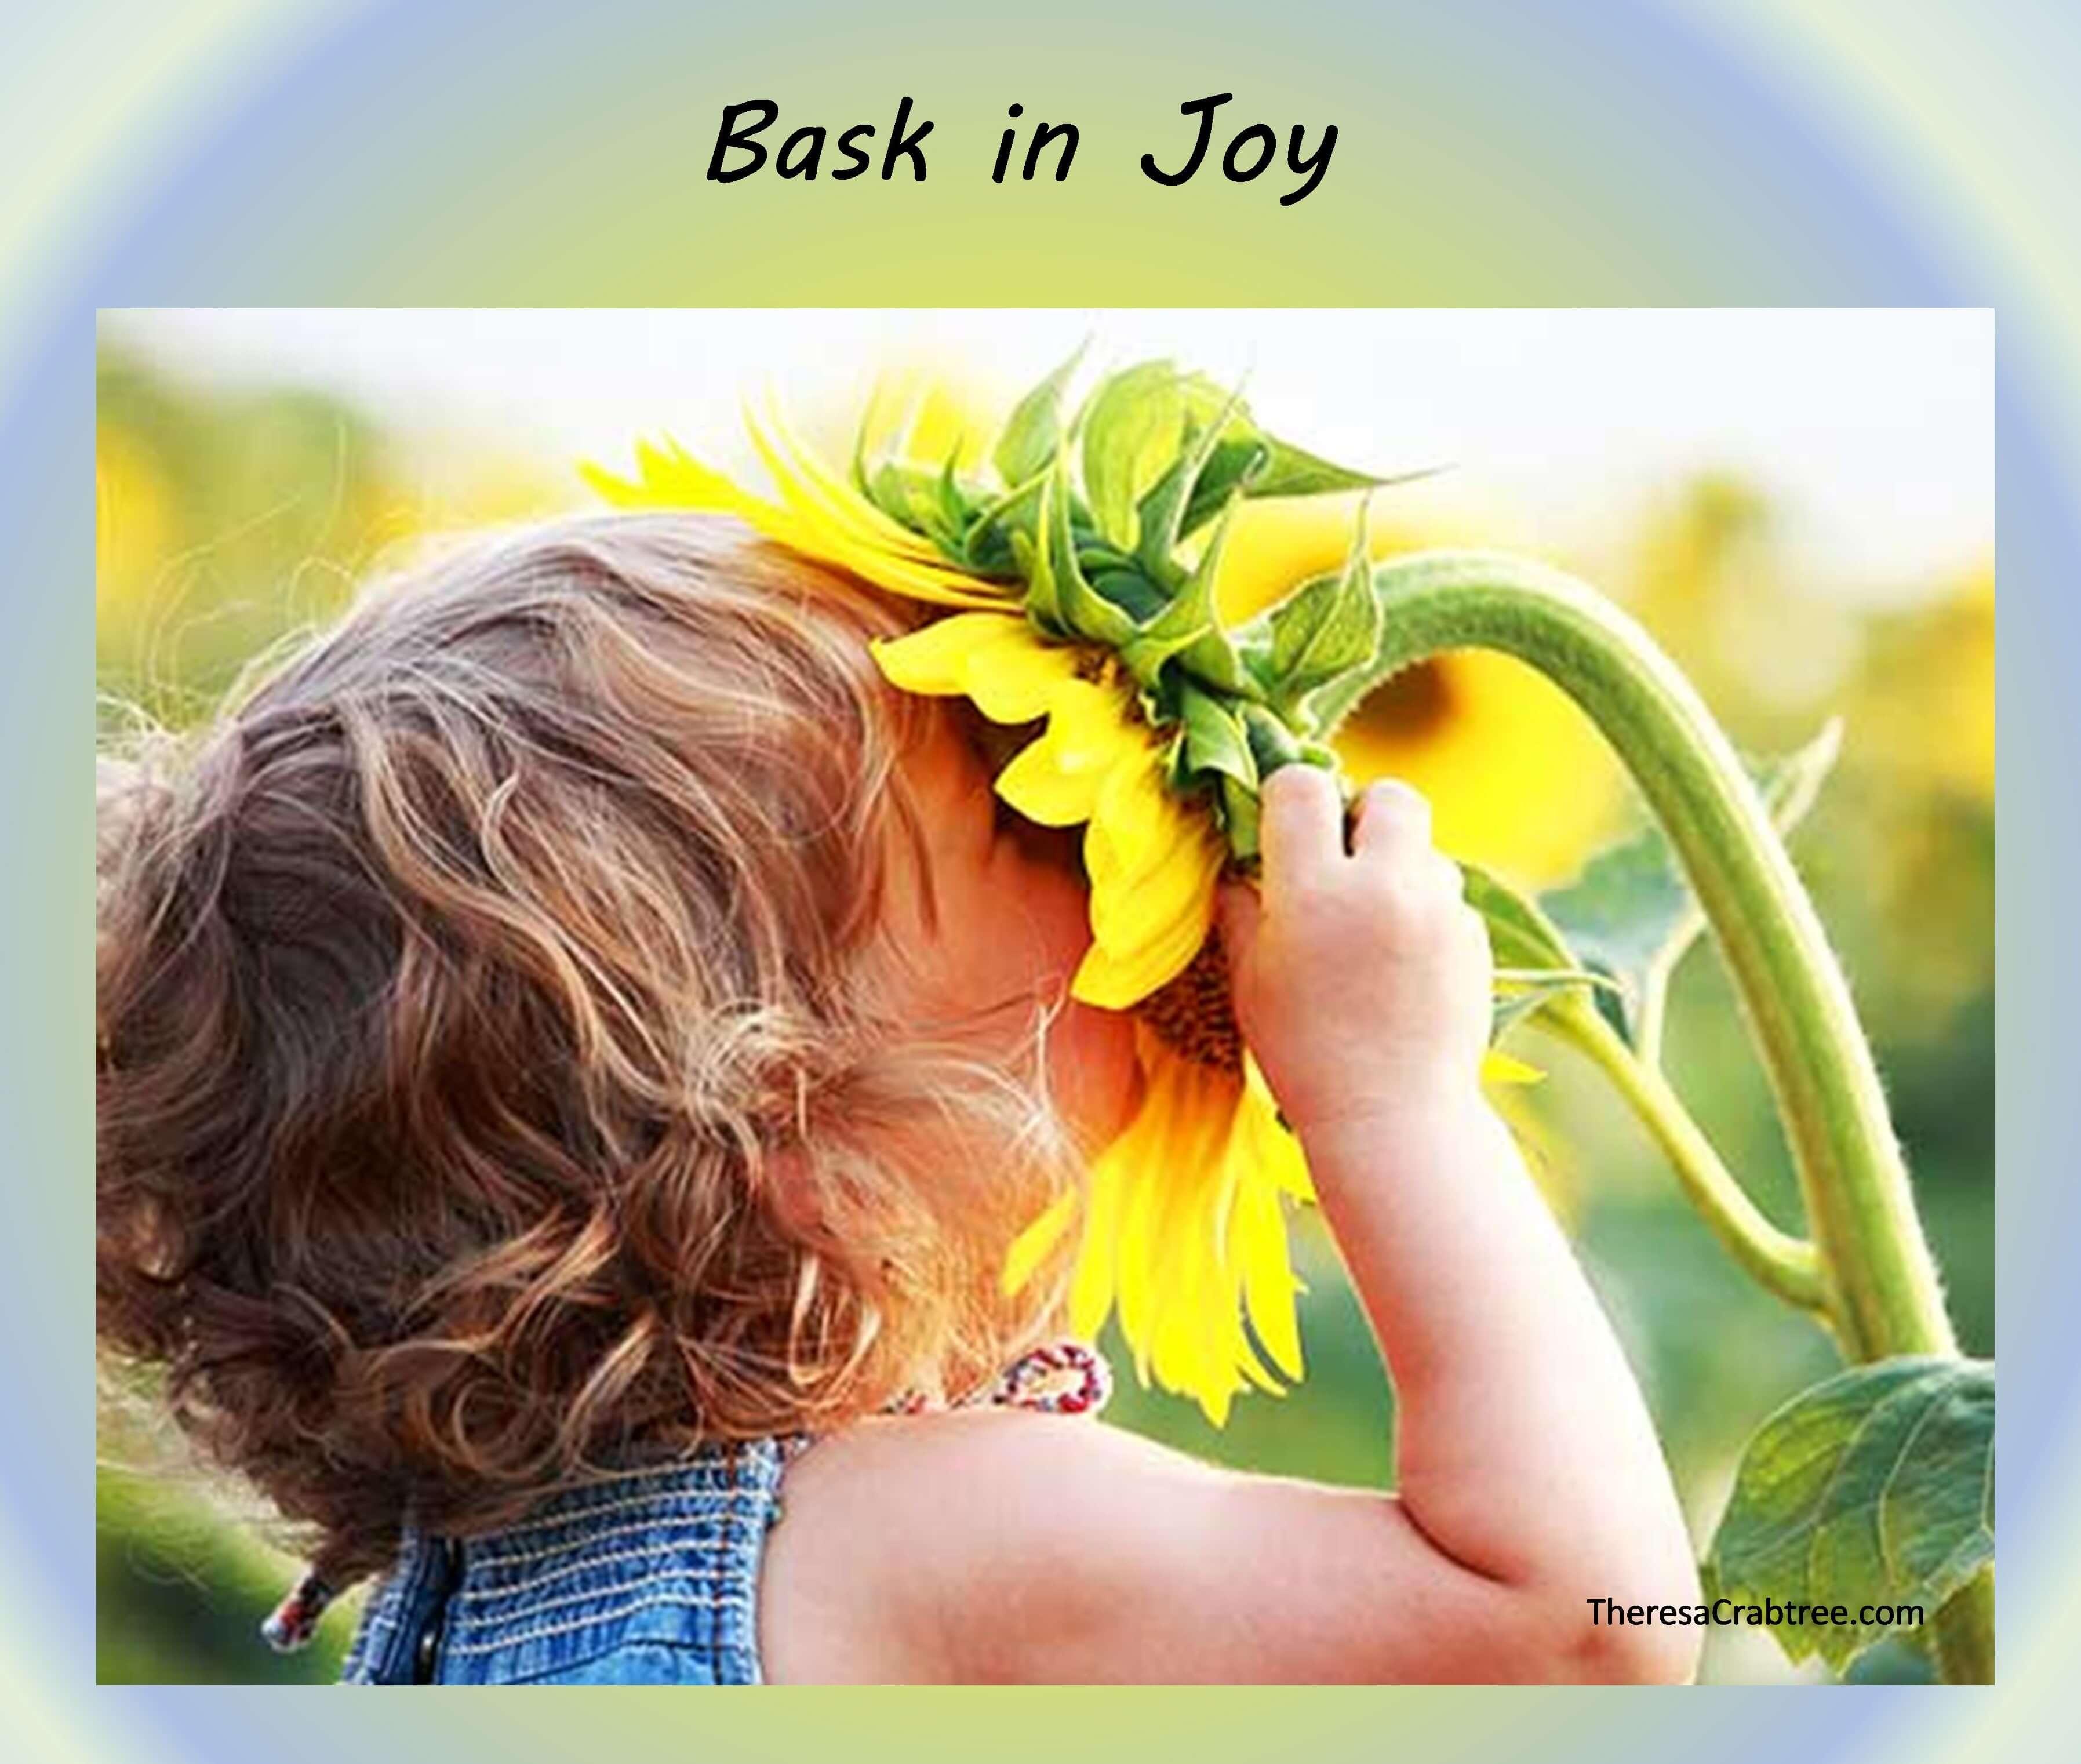 Bask in Joy!